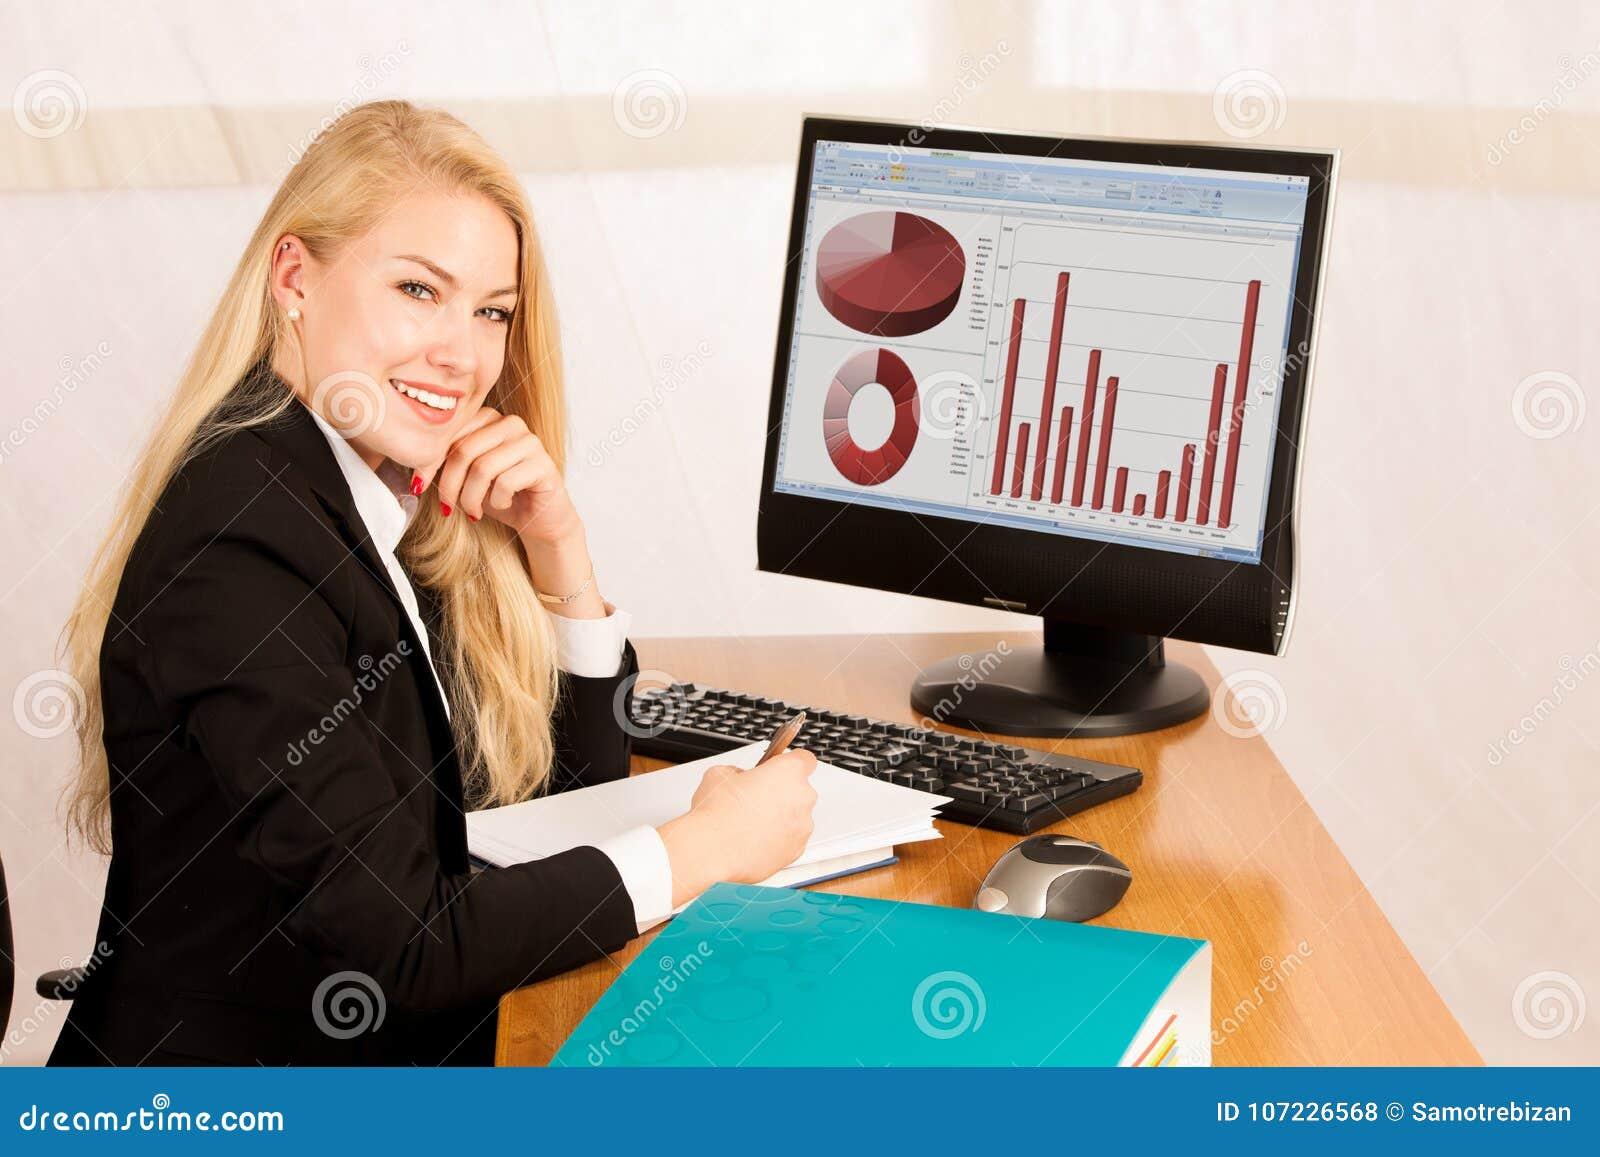 Блондинка за компьютером видео, стоны и крики во время секса видео